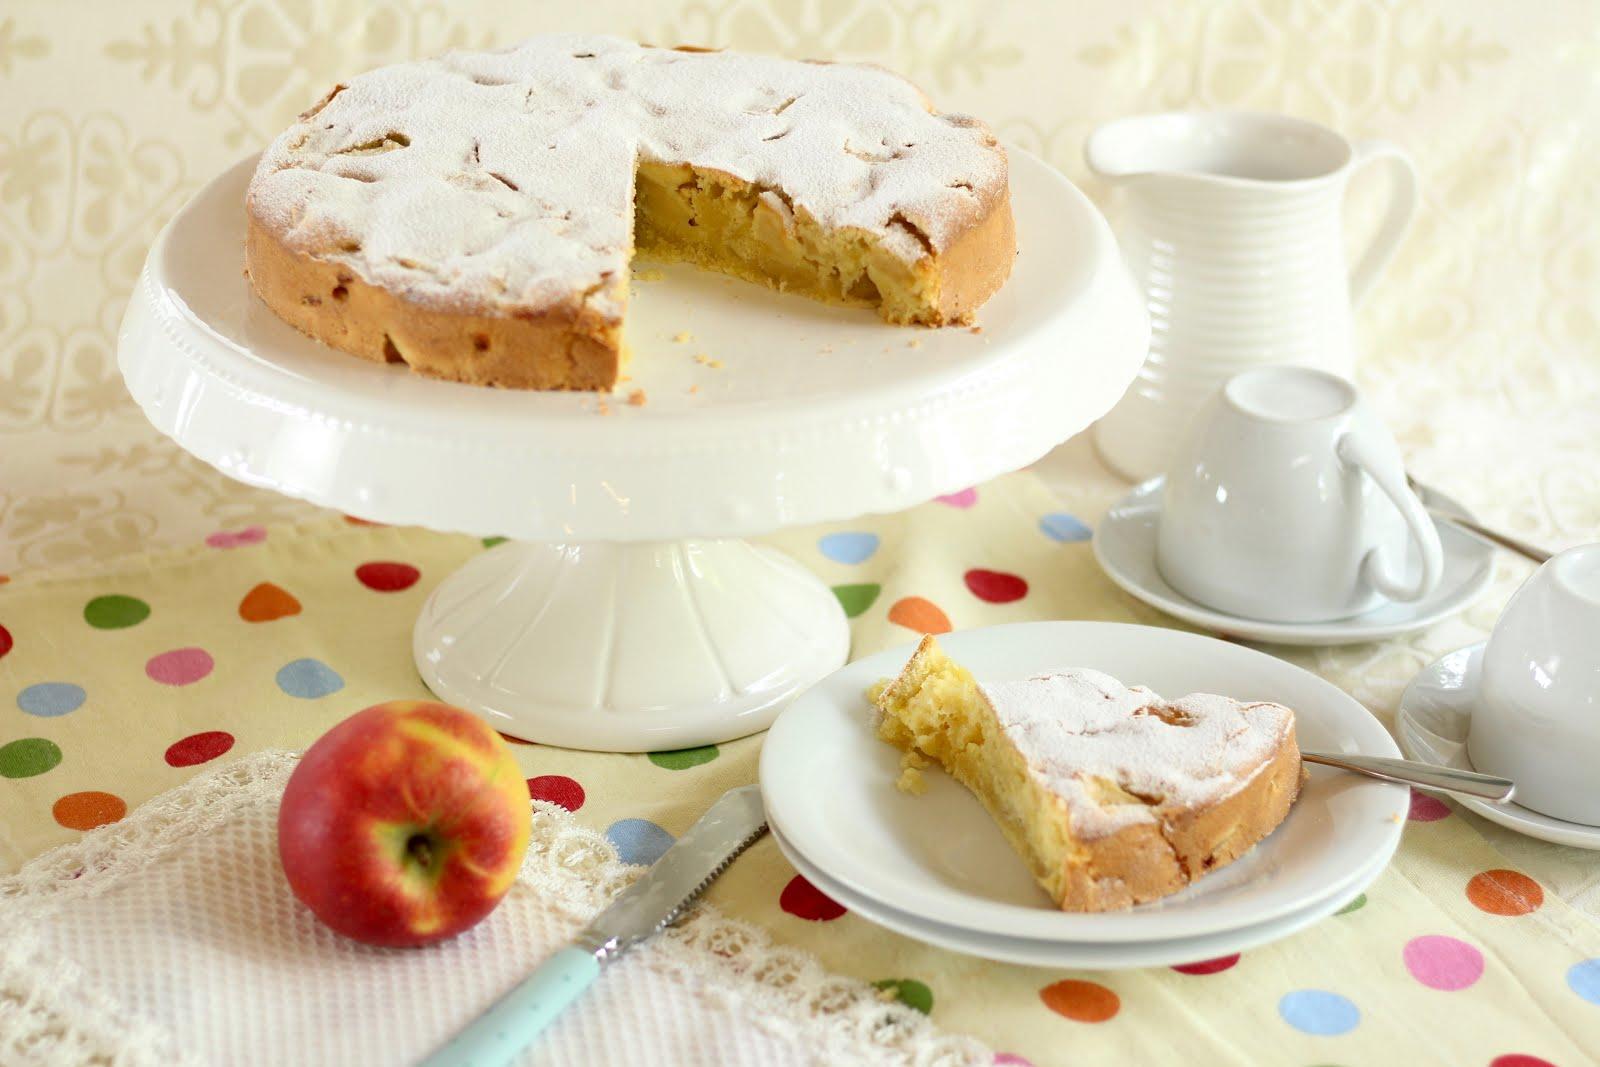 Kinderleichter, schneller Apfelkuchen mit Dorothea | Rezept und Video von Sugarprincess